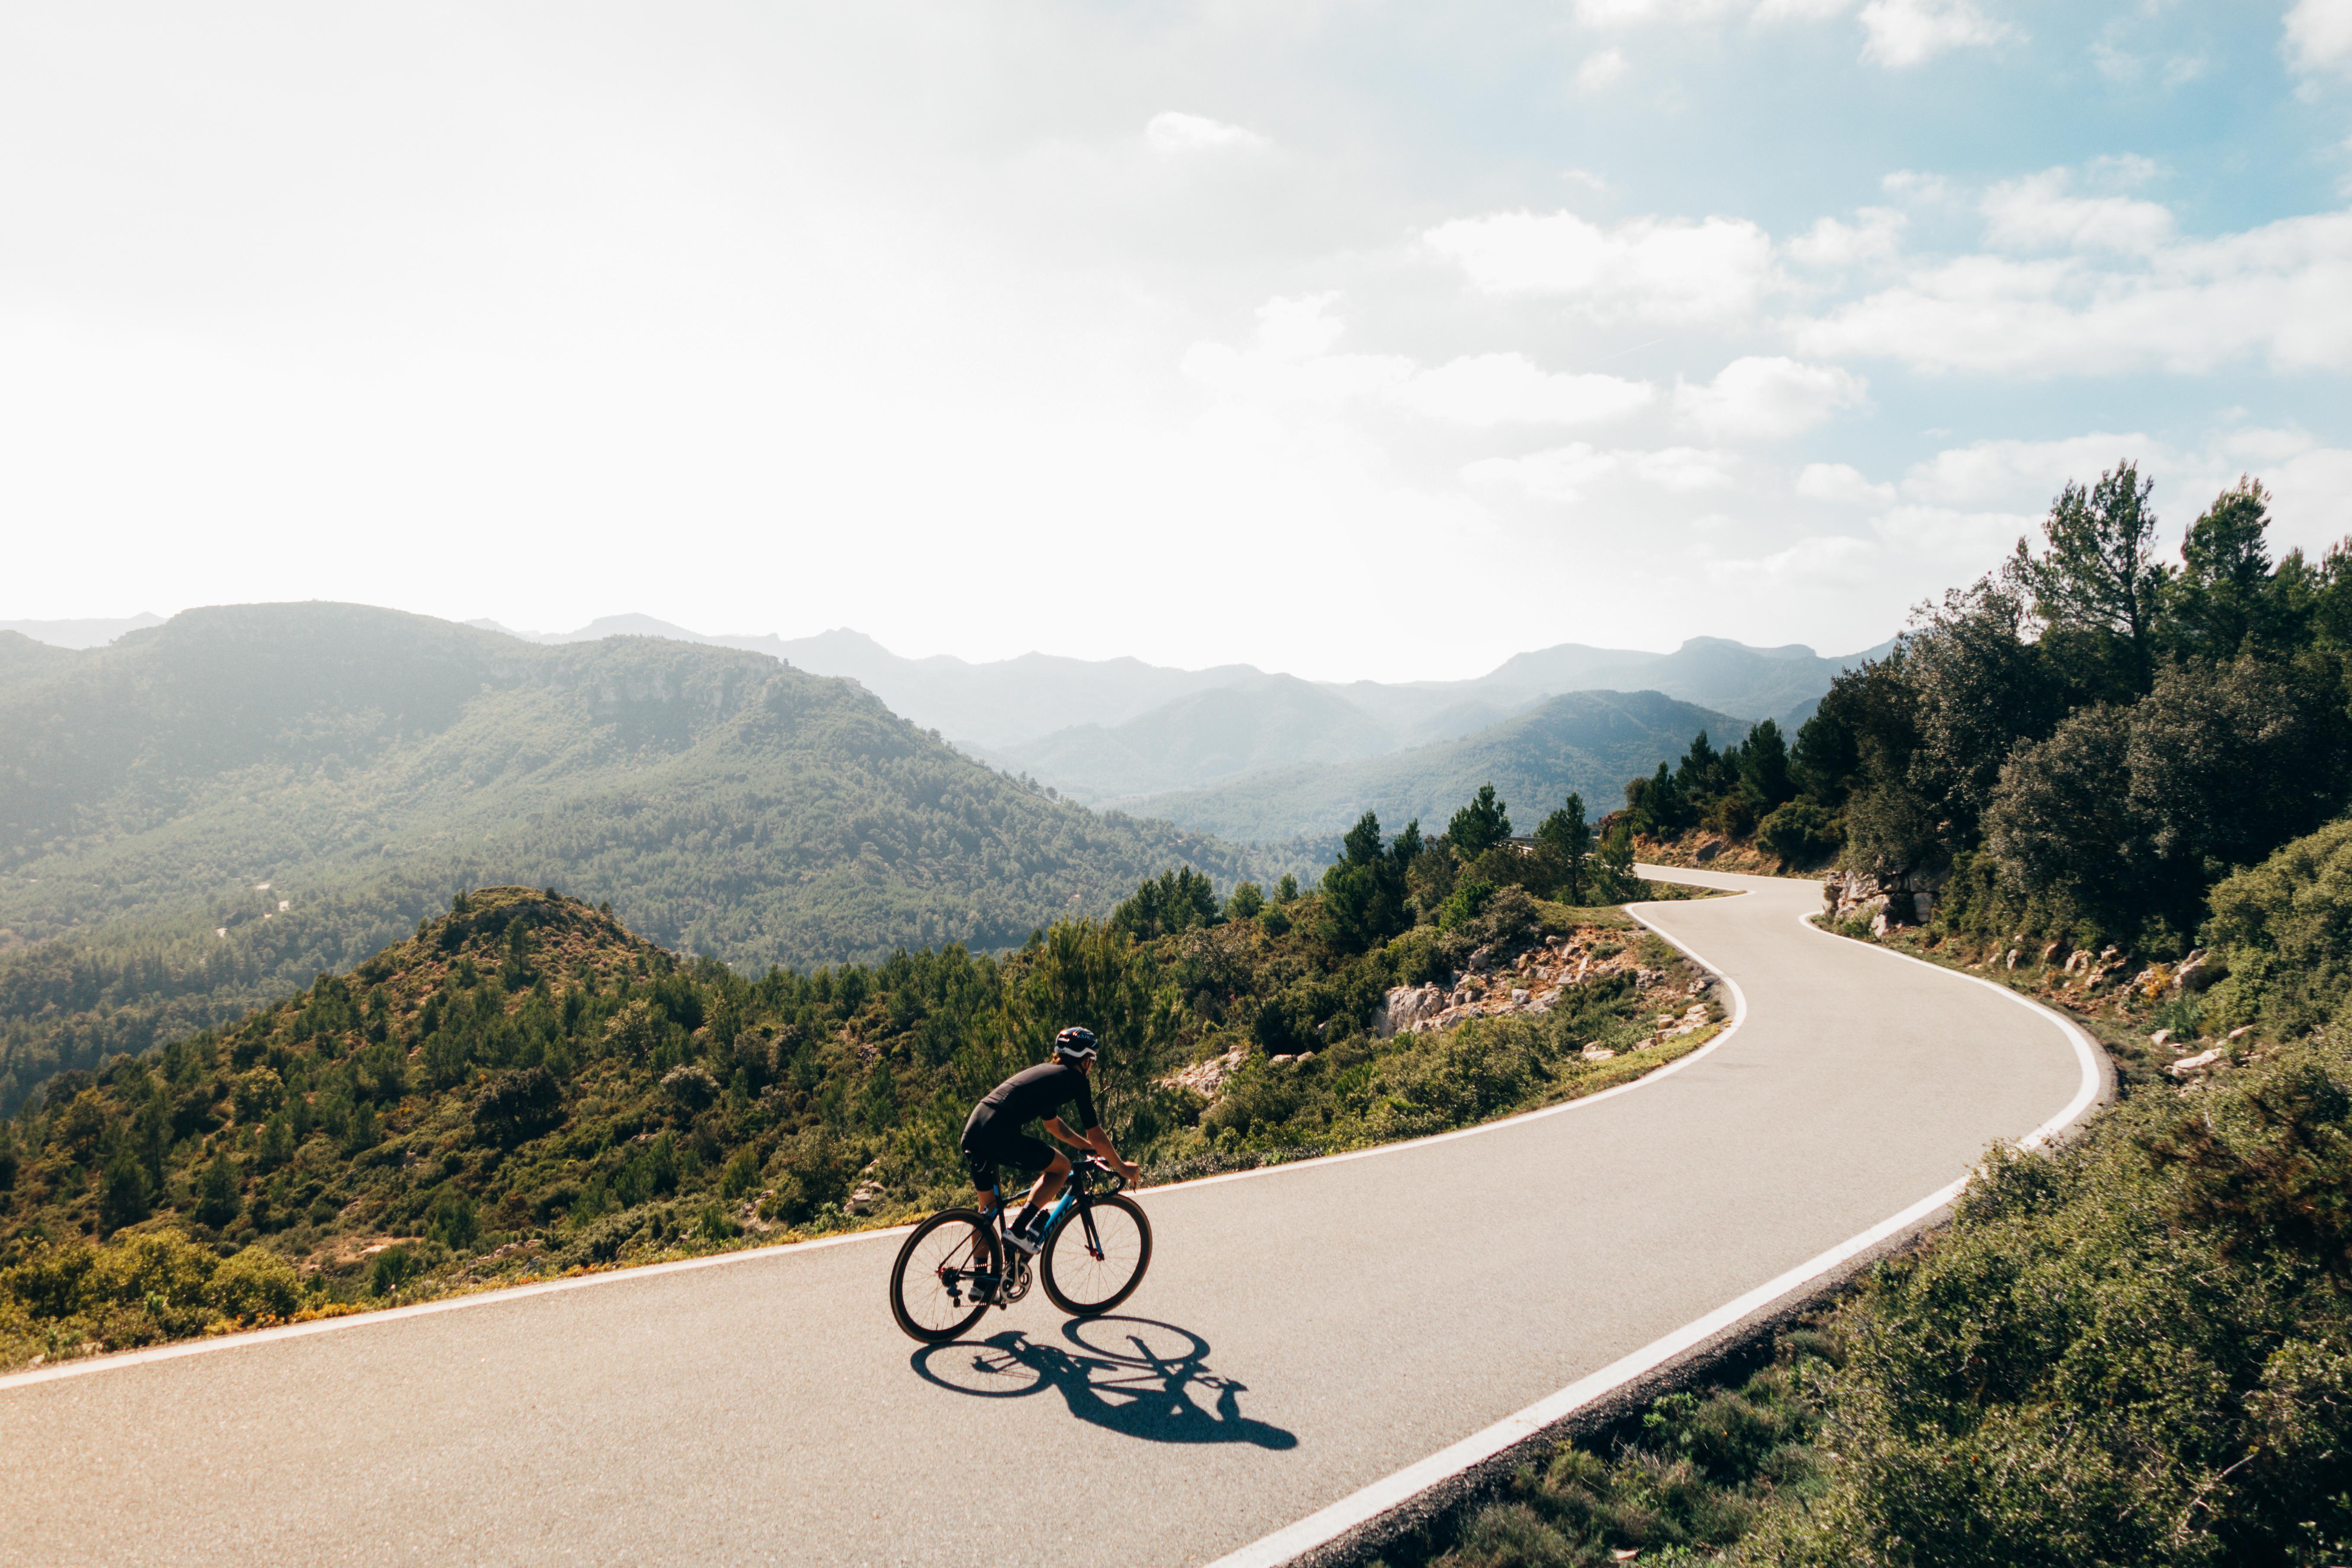 trouver du temps libre pour le cyclisme comment faire